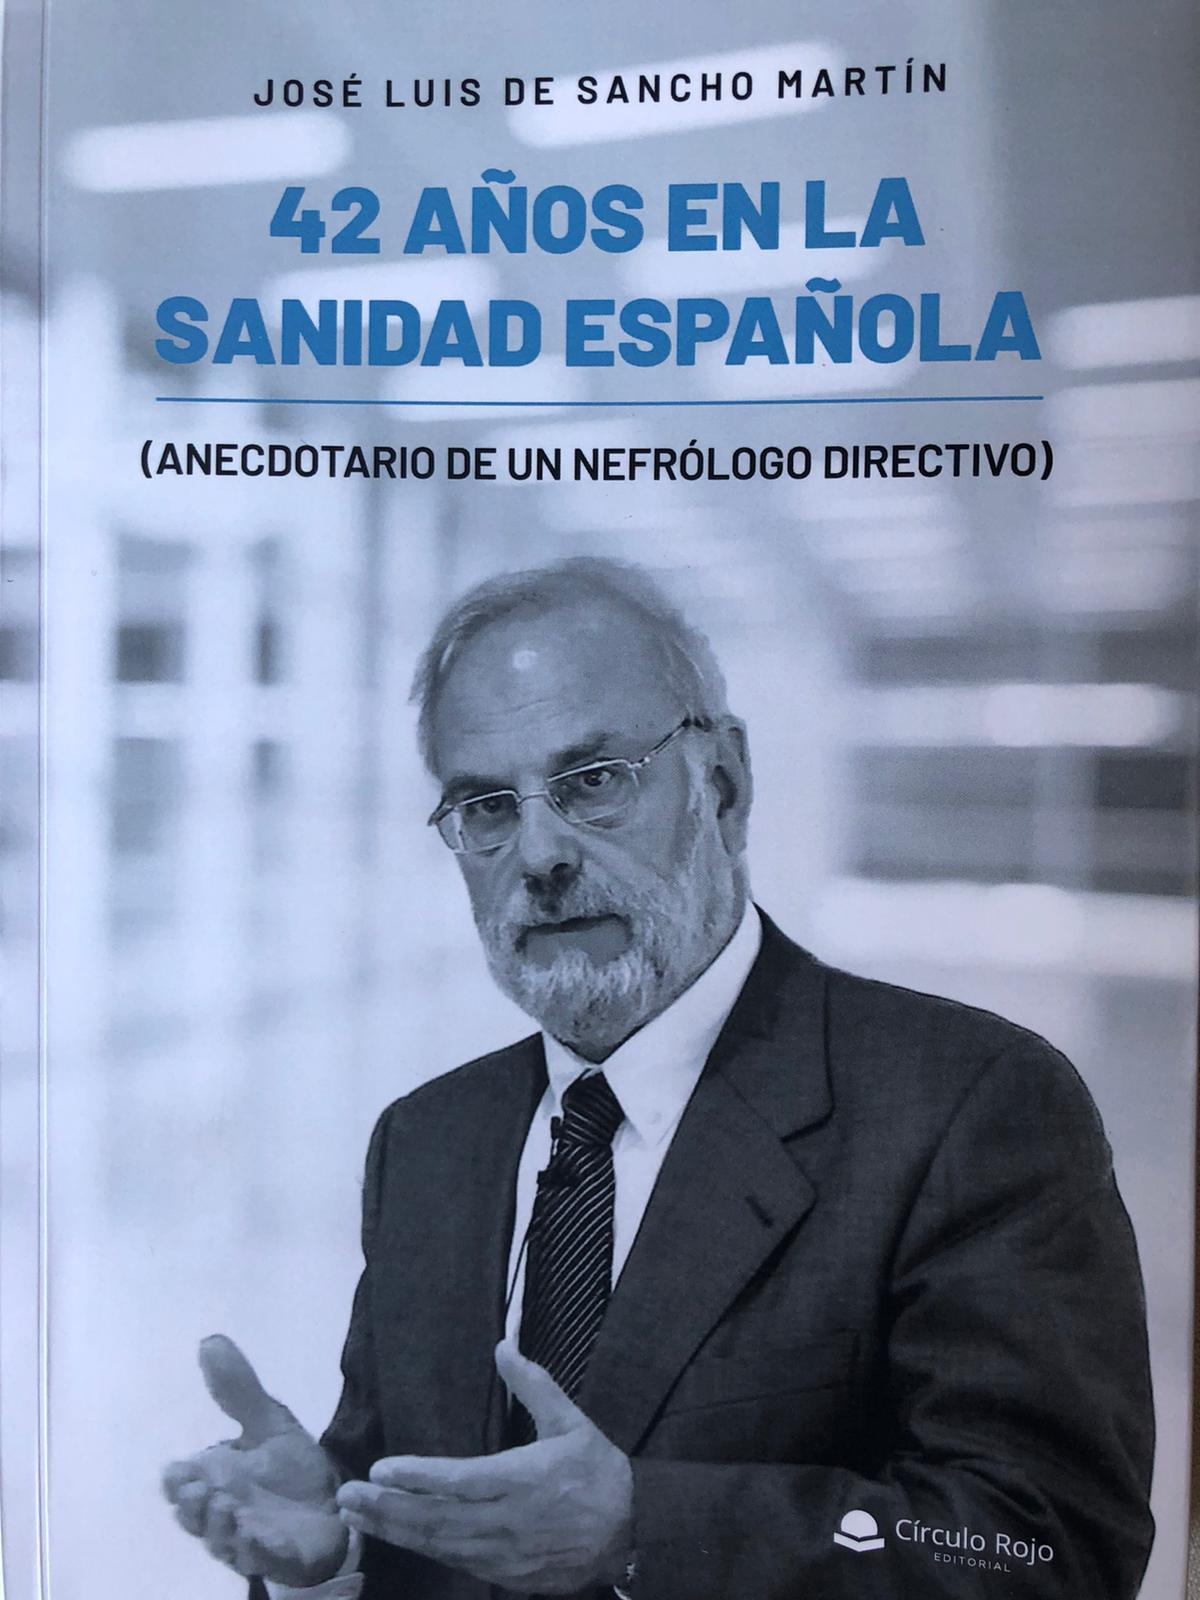 Libro de José Luis de Sancho.